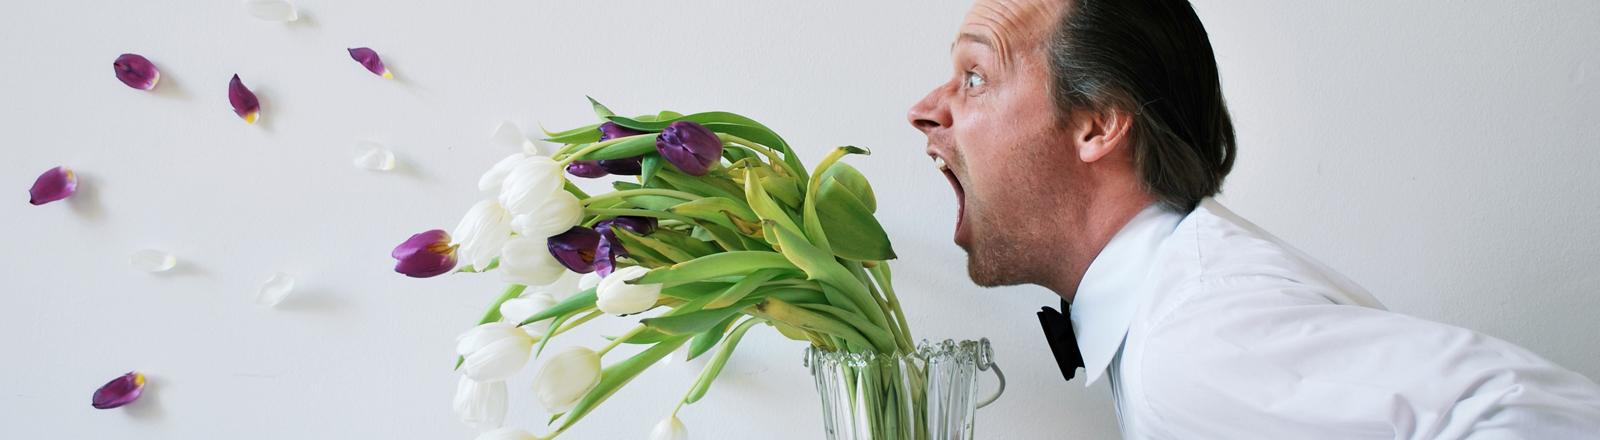 Mann brüllt eine Pflanze an